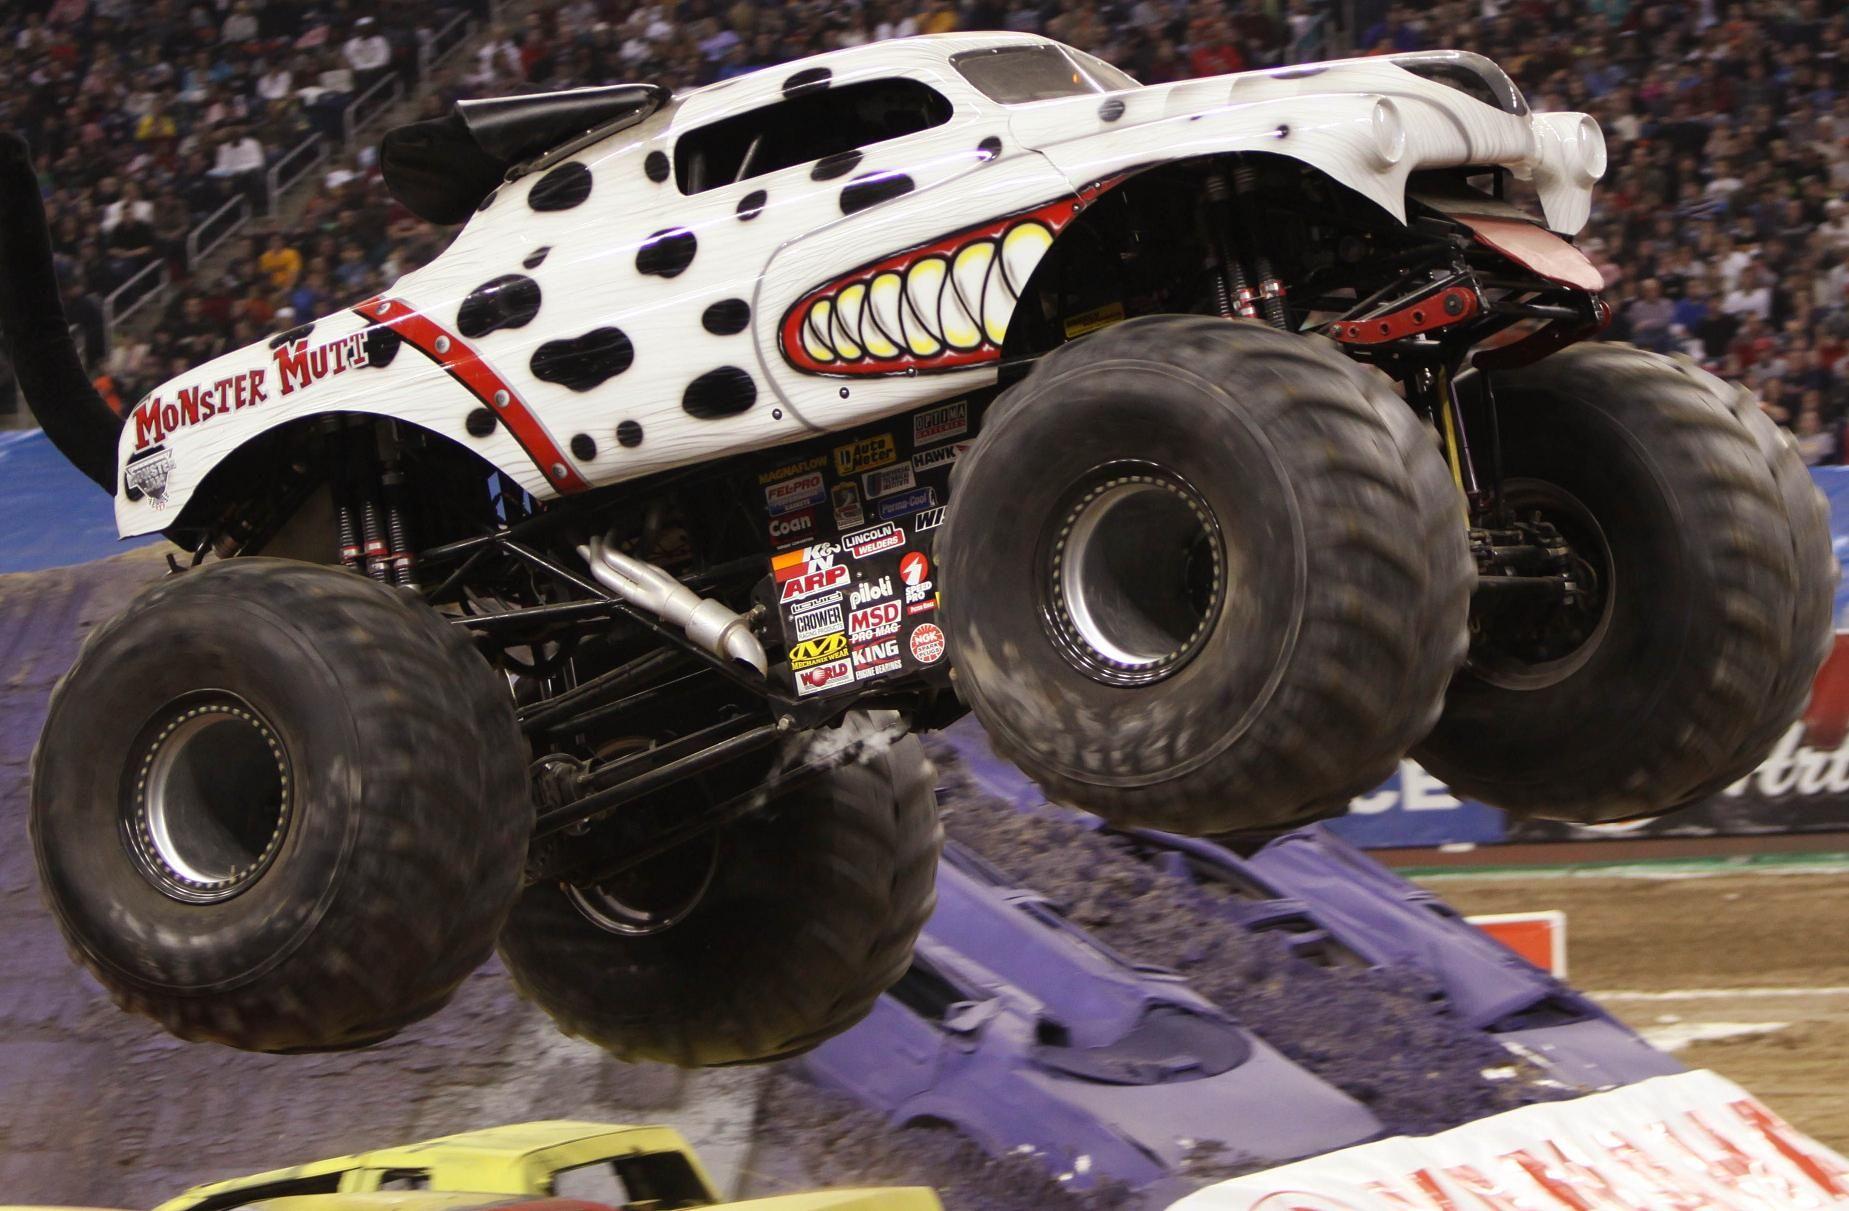 Monster Mutt Dalmatian Monster Trucks Big Monster Trucks